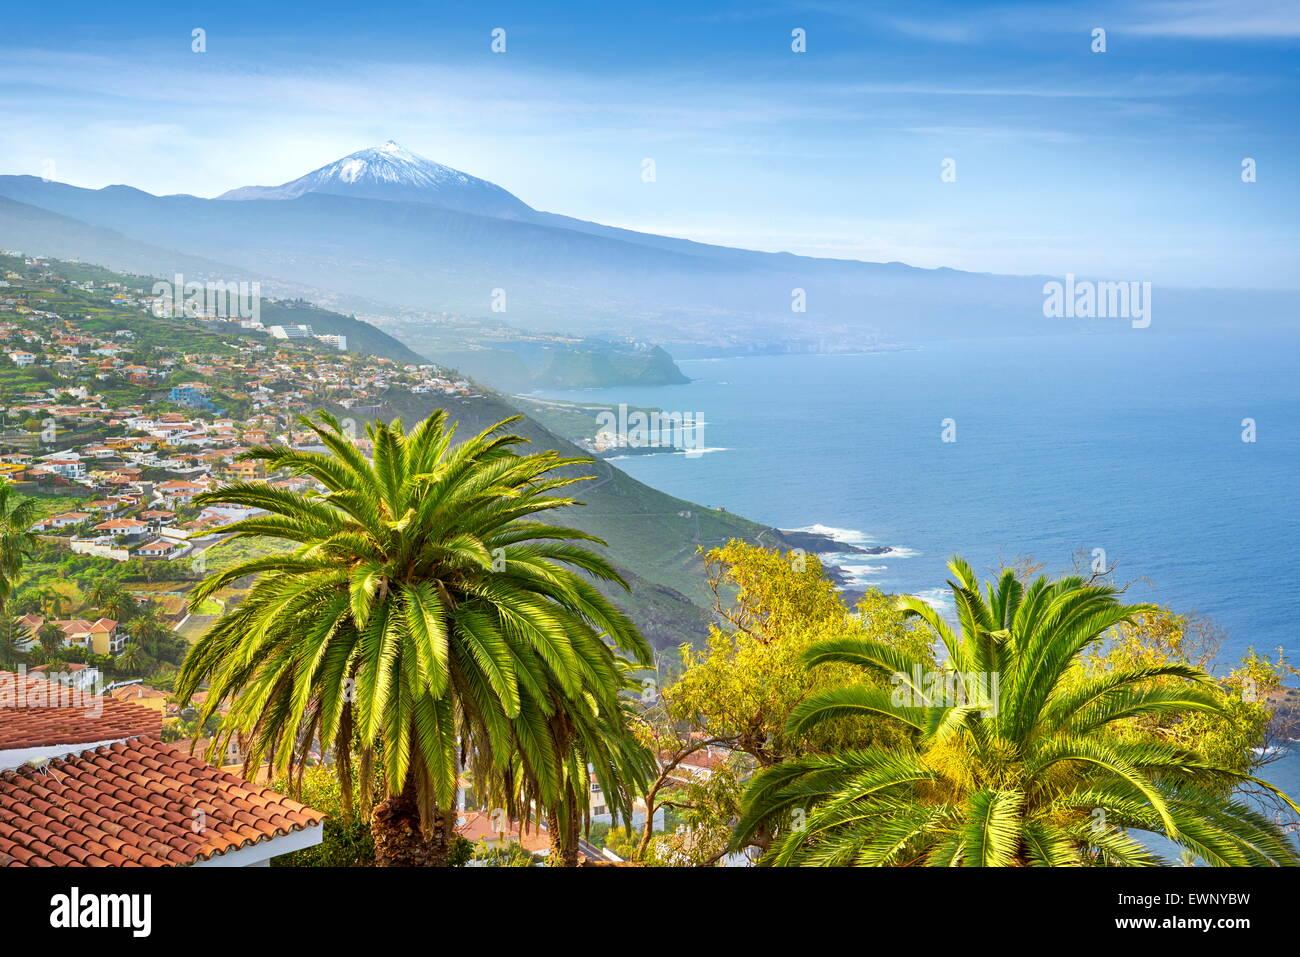 Costa Nord di Tenerife, Isole Canarie, Spagna Immagini Stock